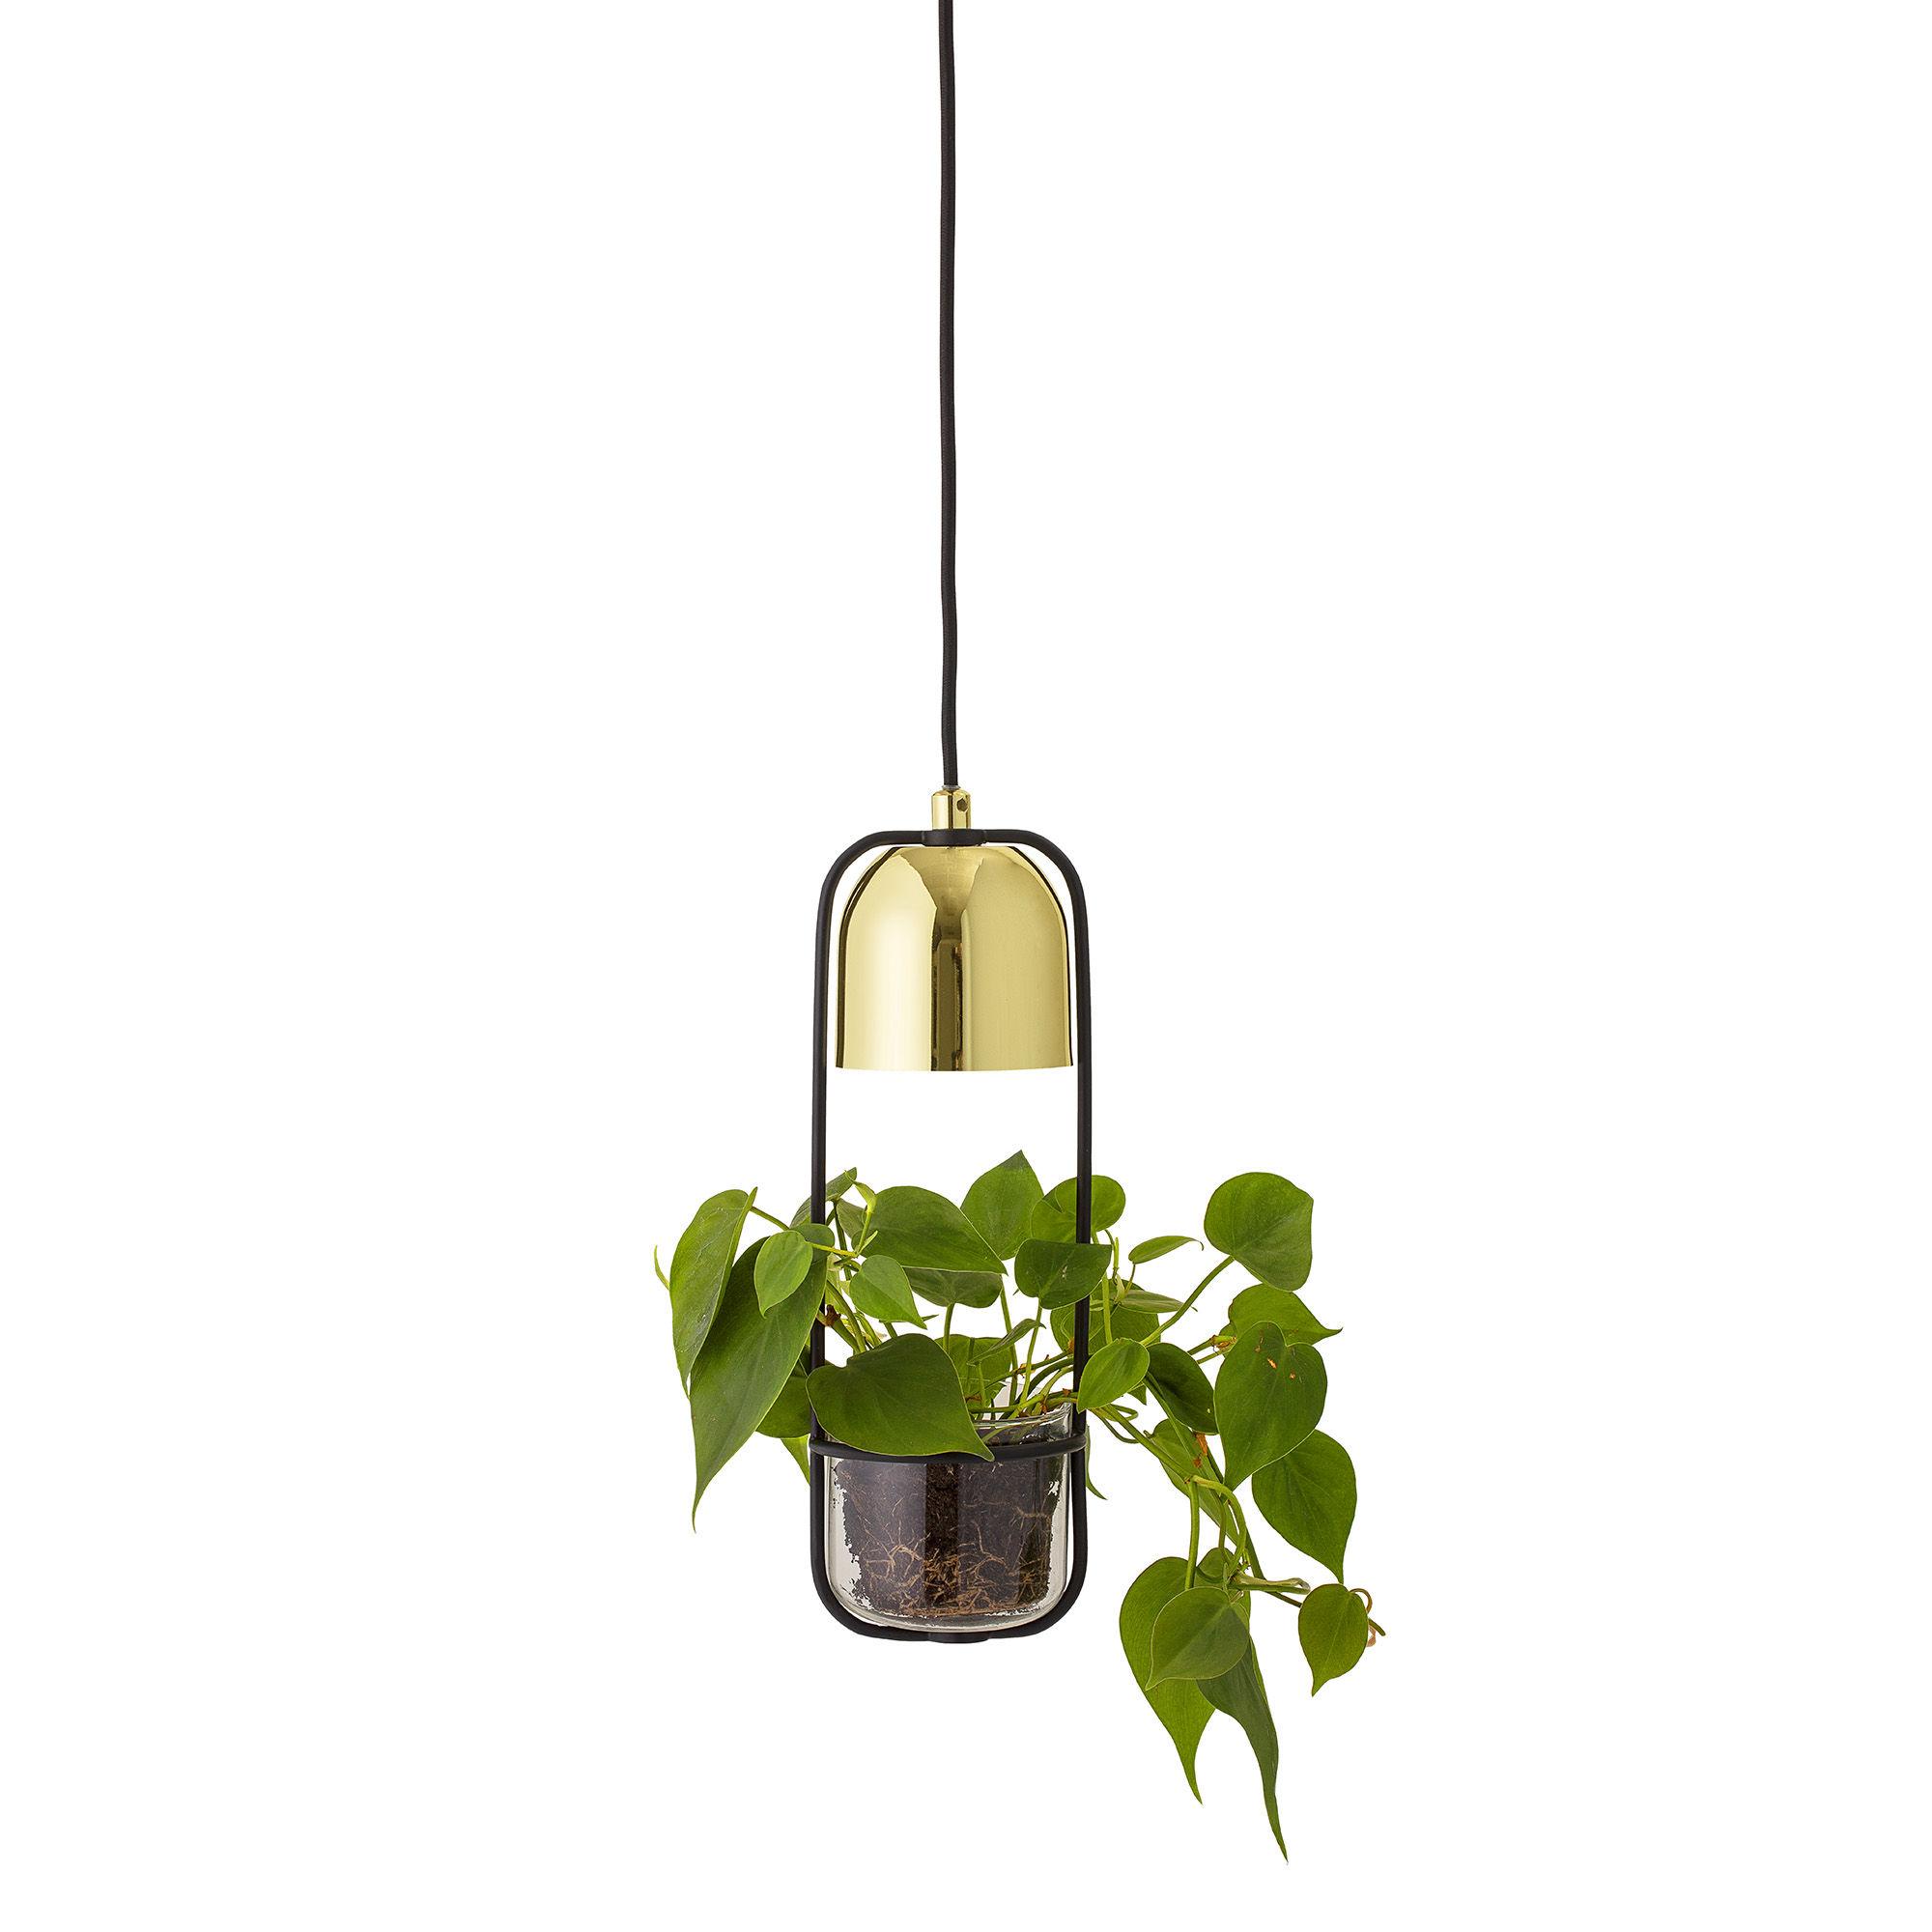 Luminaire - Suspensions - Suspension / Avec pot de fleurs - Ø 10 x  H 34 cm - Bloomingville - Longue / Or & noir - Métal, Verre